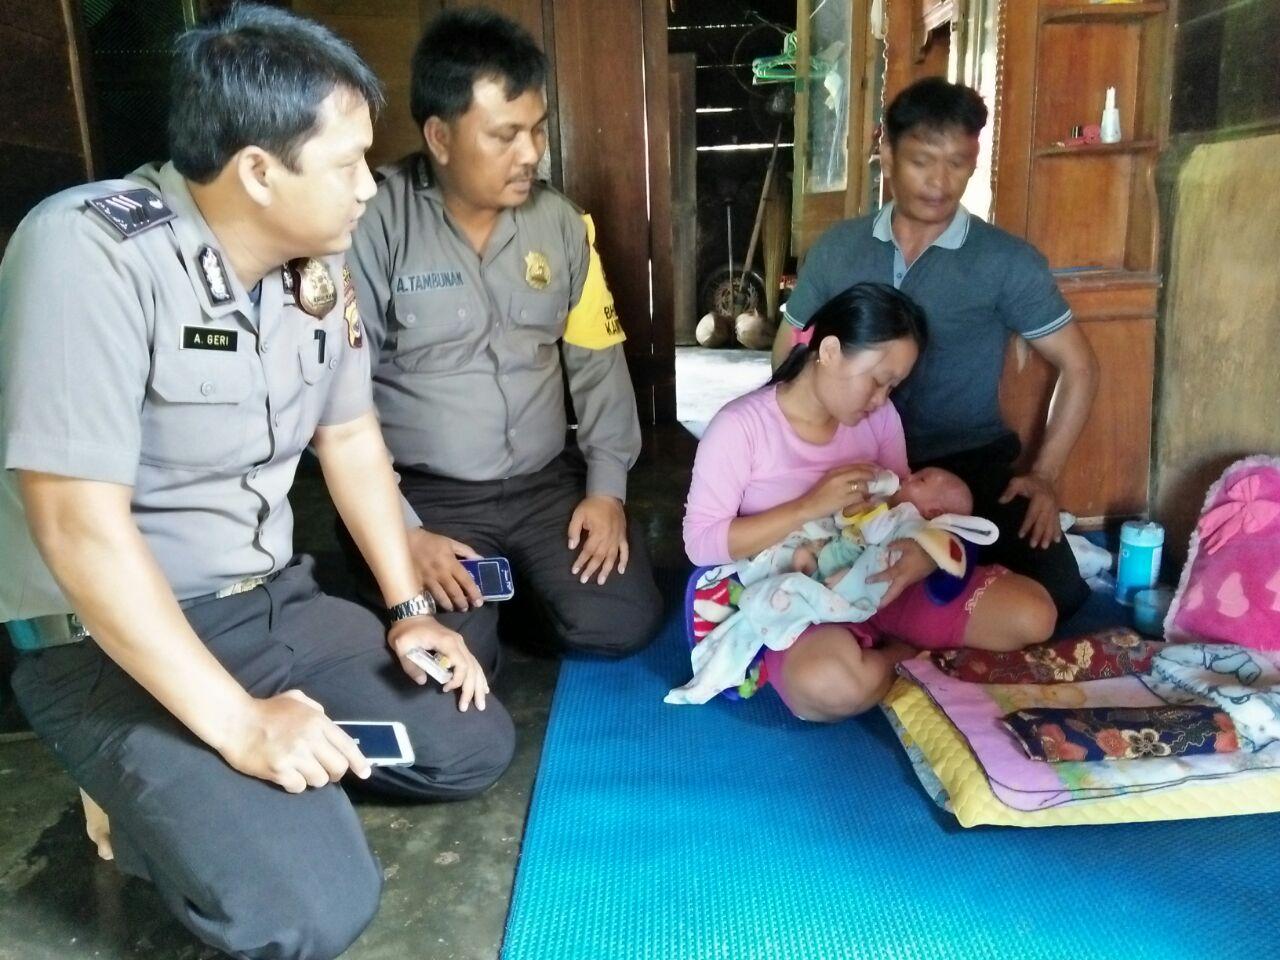 Kunjungan Bersama Kepala Desa, Personil Polsek Kaur Utara Bantu Warga